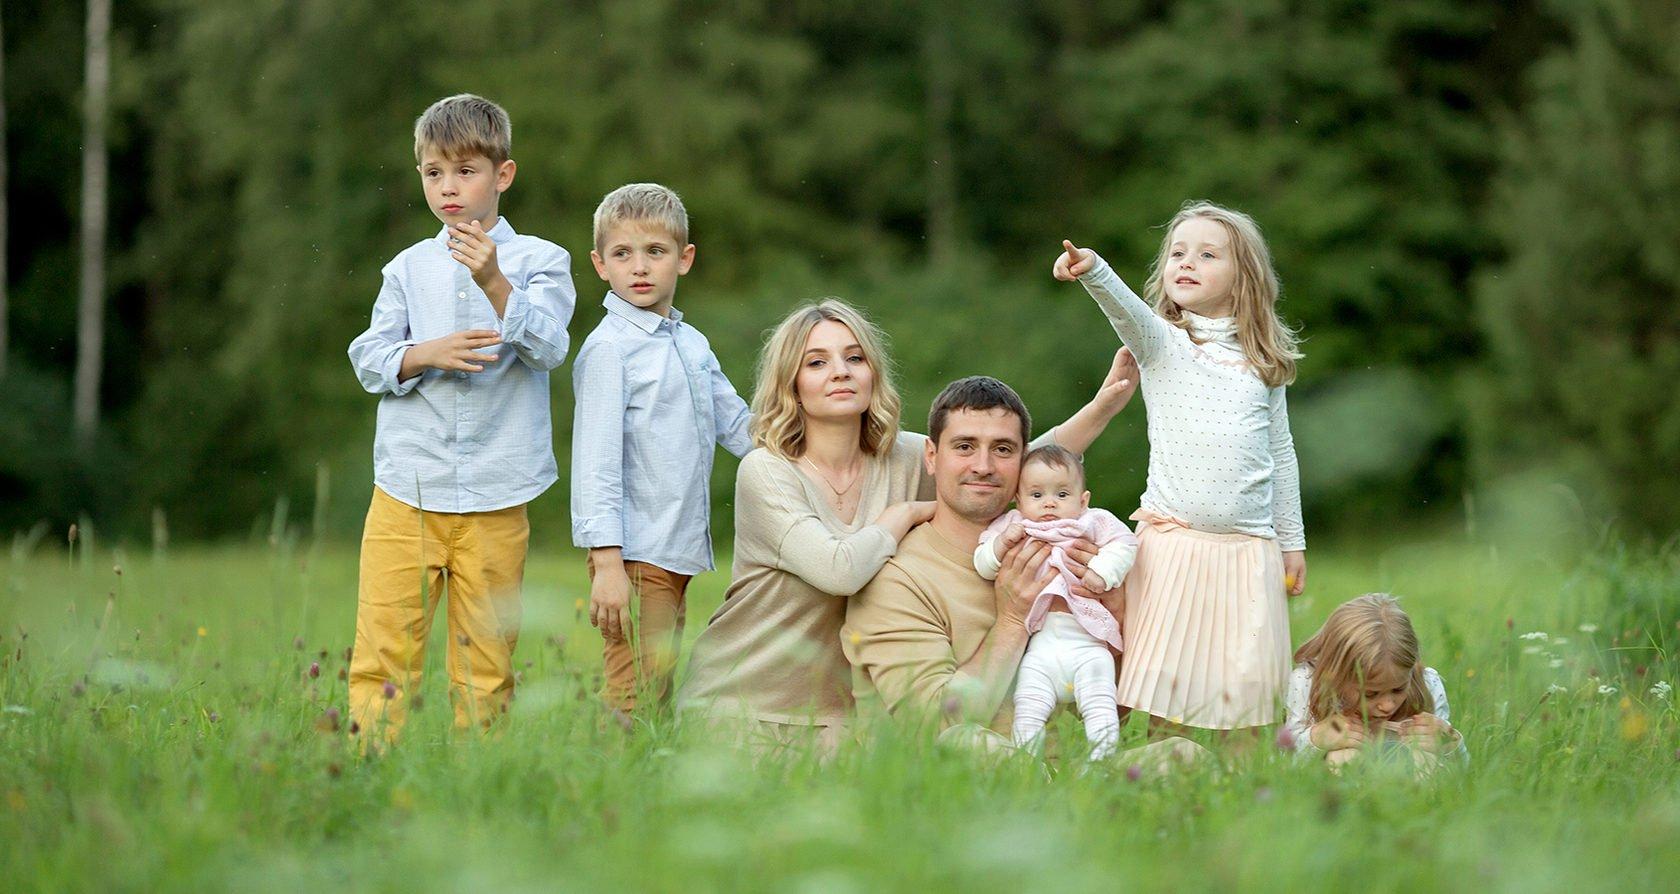 Картинки большая семья большая радость, выпускнику школы